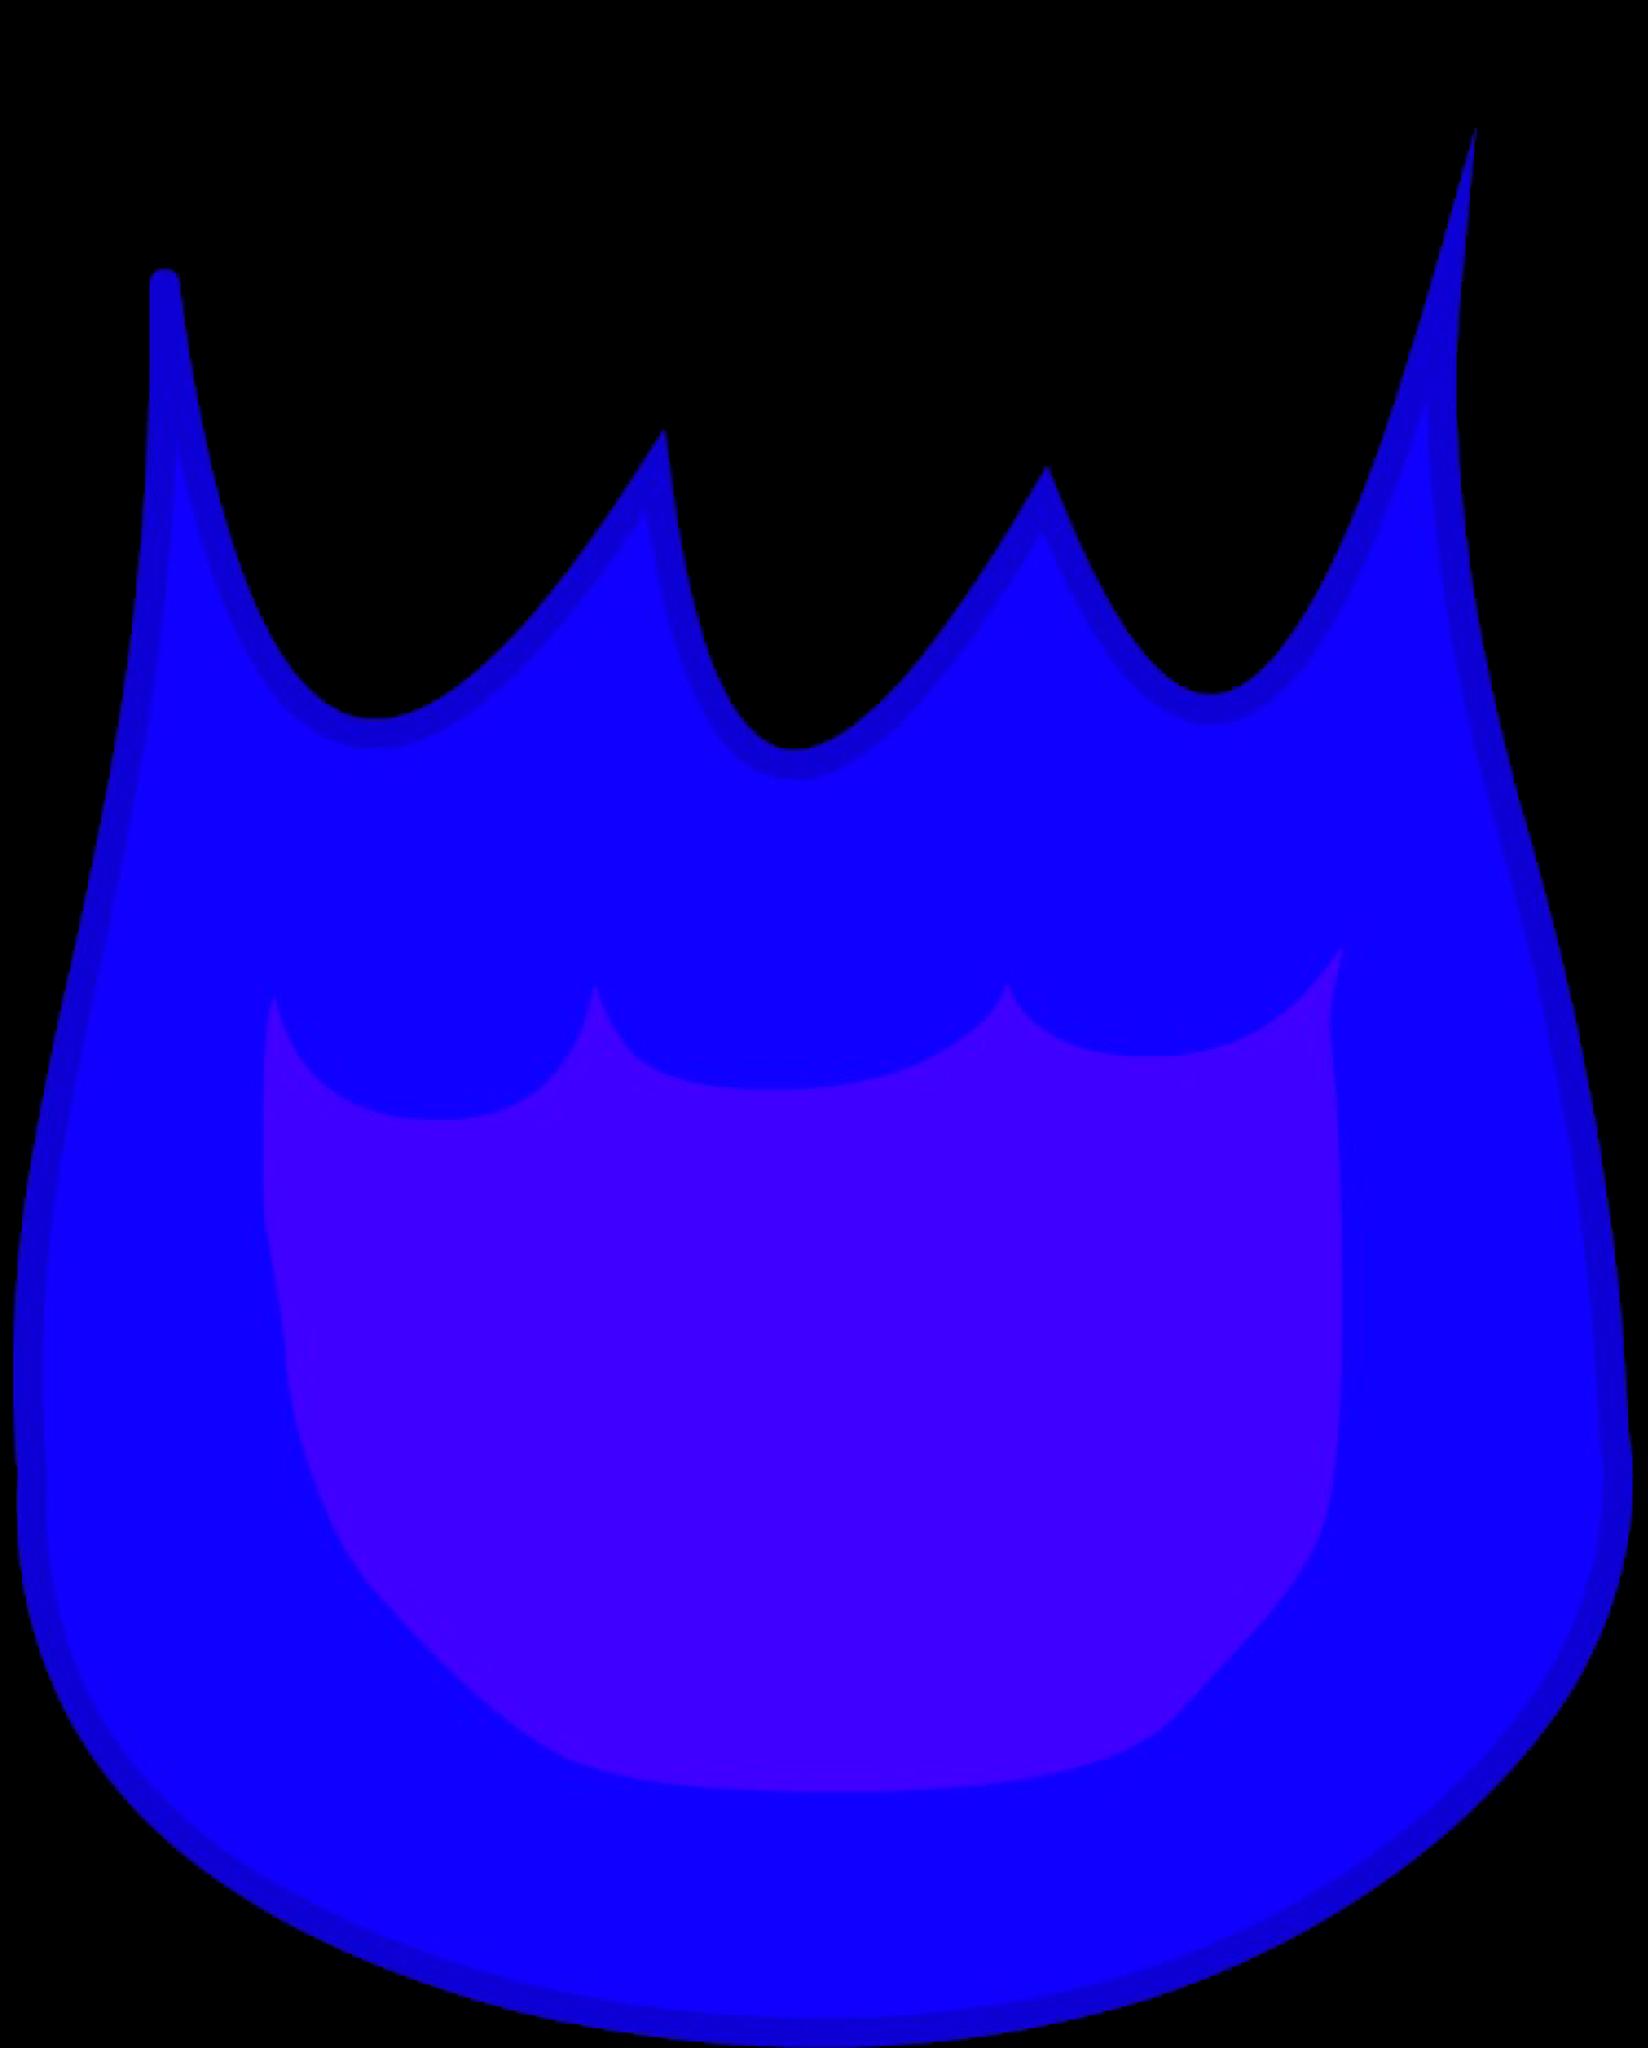 Eraser clipart blue. Image firey png battle